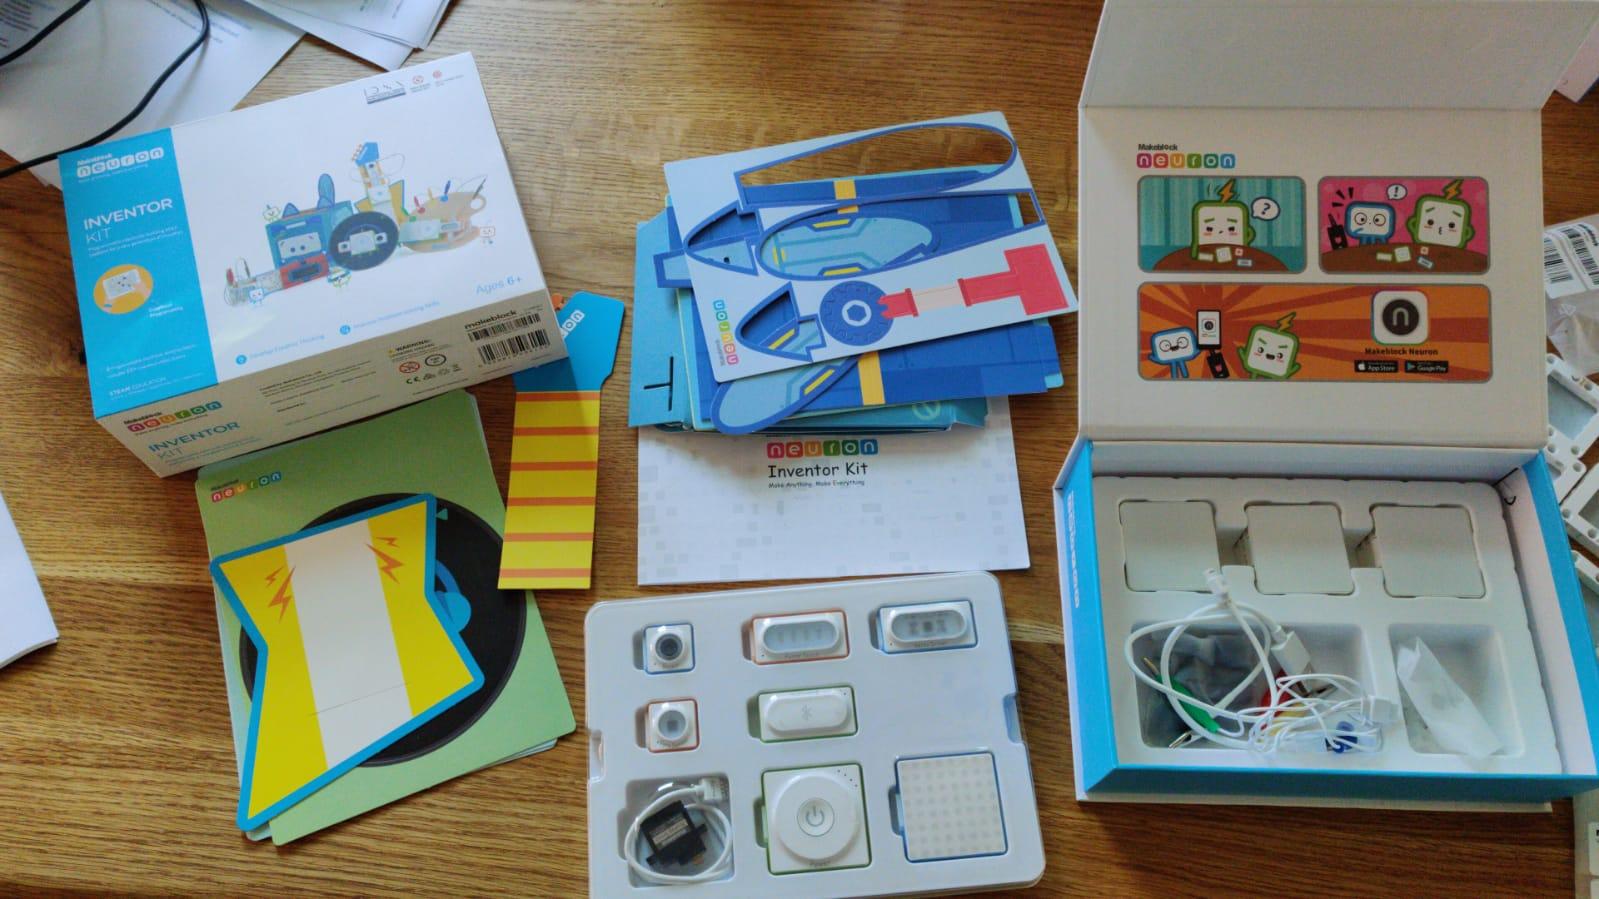 Lab – Makeblock Neuron Inventor Kit – ontdekken en programmeren van sensors en robots